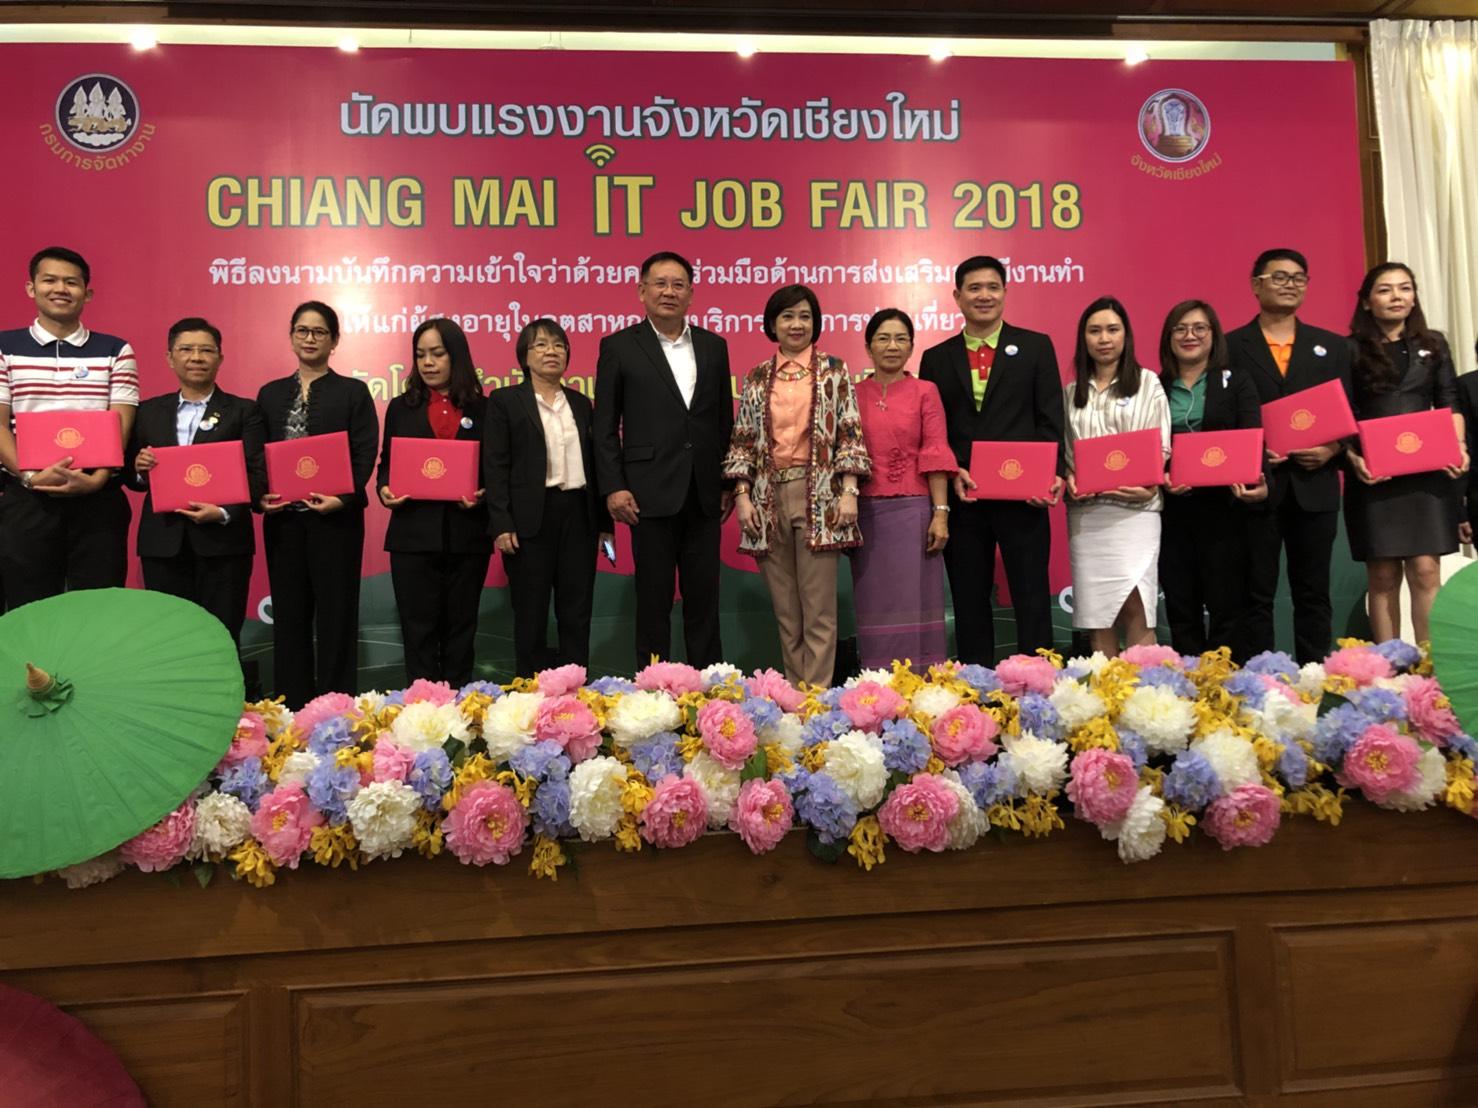 """กรมการจัดหางาน จัดนัดพบแรงงาน """"CHIANG MAI  IT  JOB  FAIR 2018"""" นำระบบ IT มาใช้ในการสมัครงาน"""